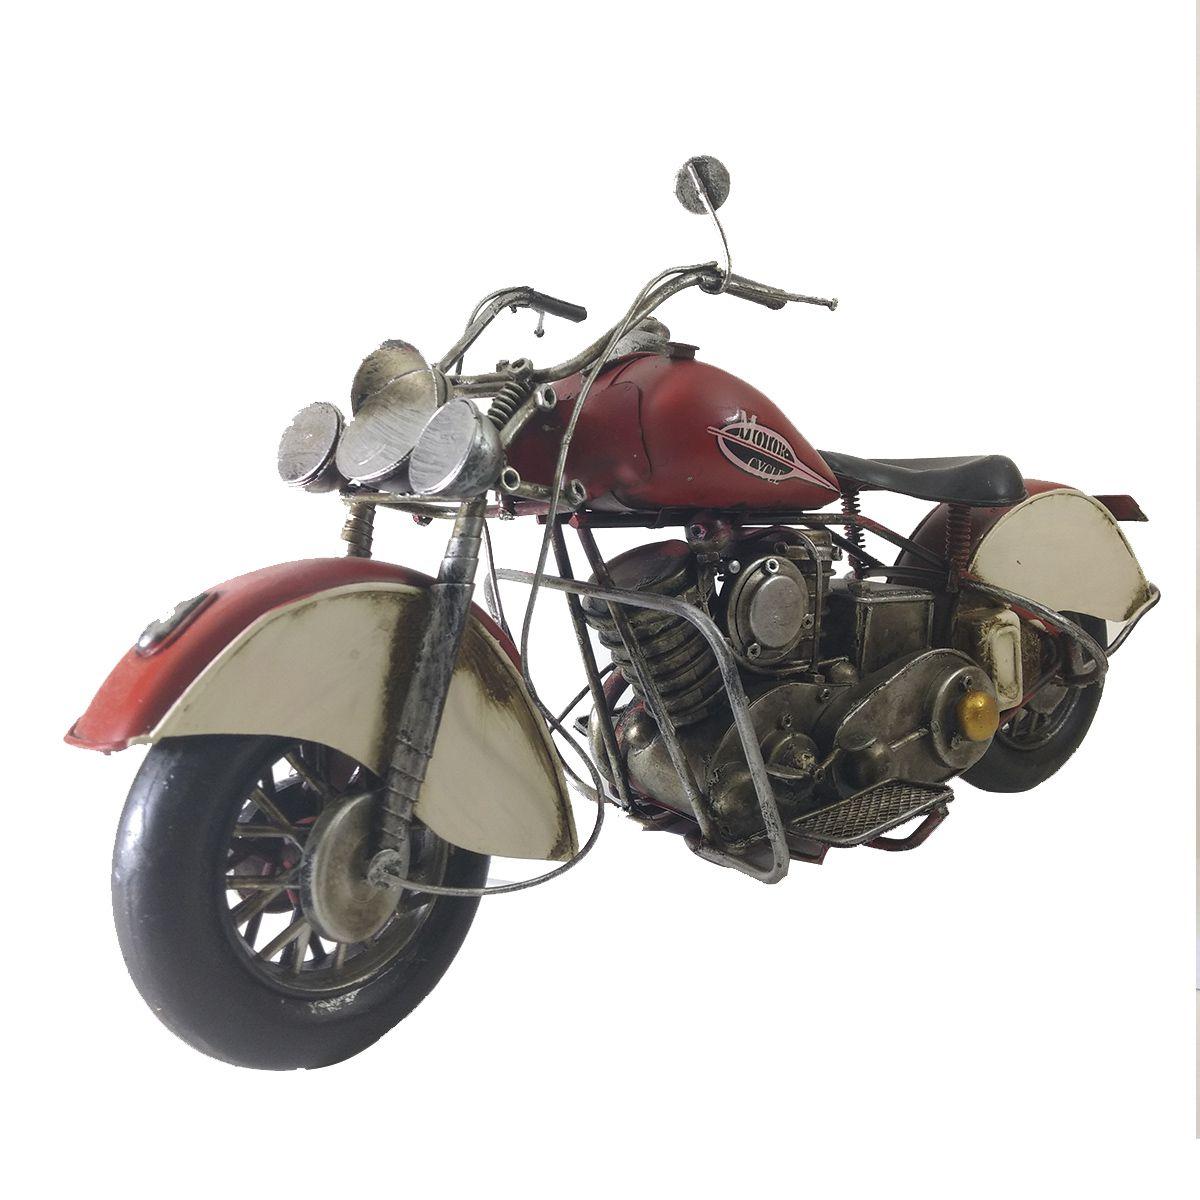 Moto Vintage decorativa de Metal Motor Cycle Red 1216